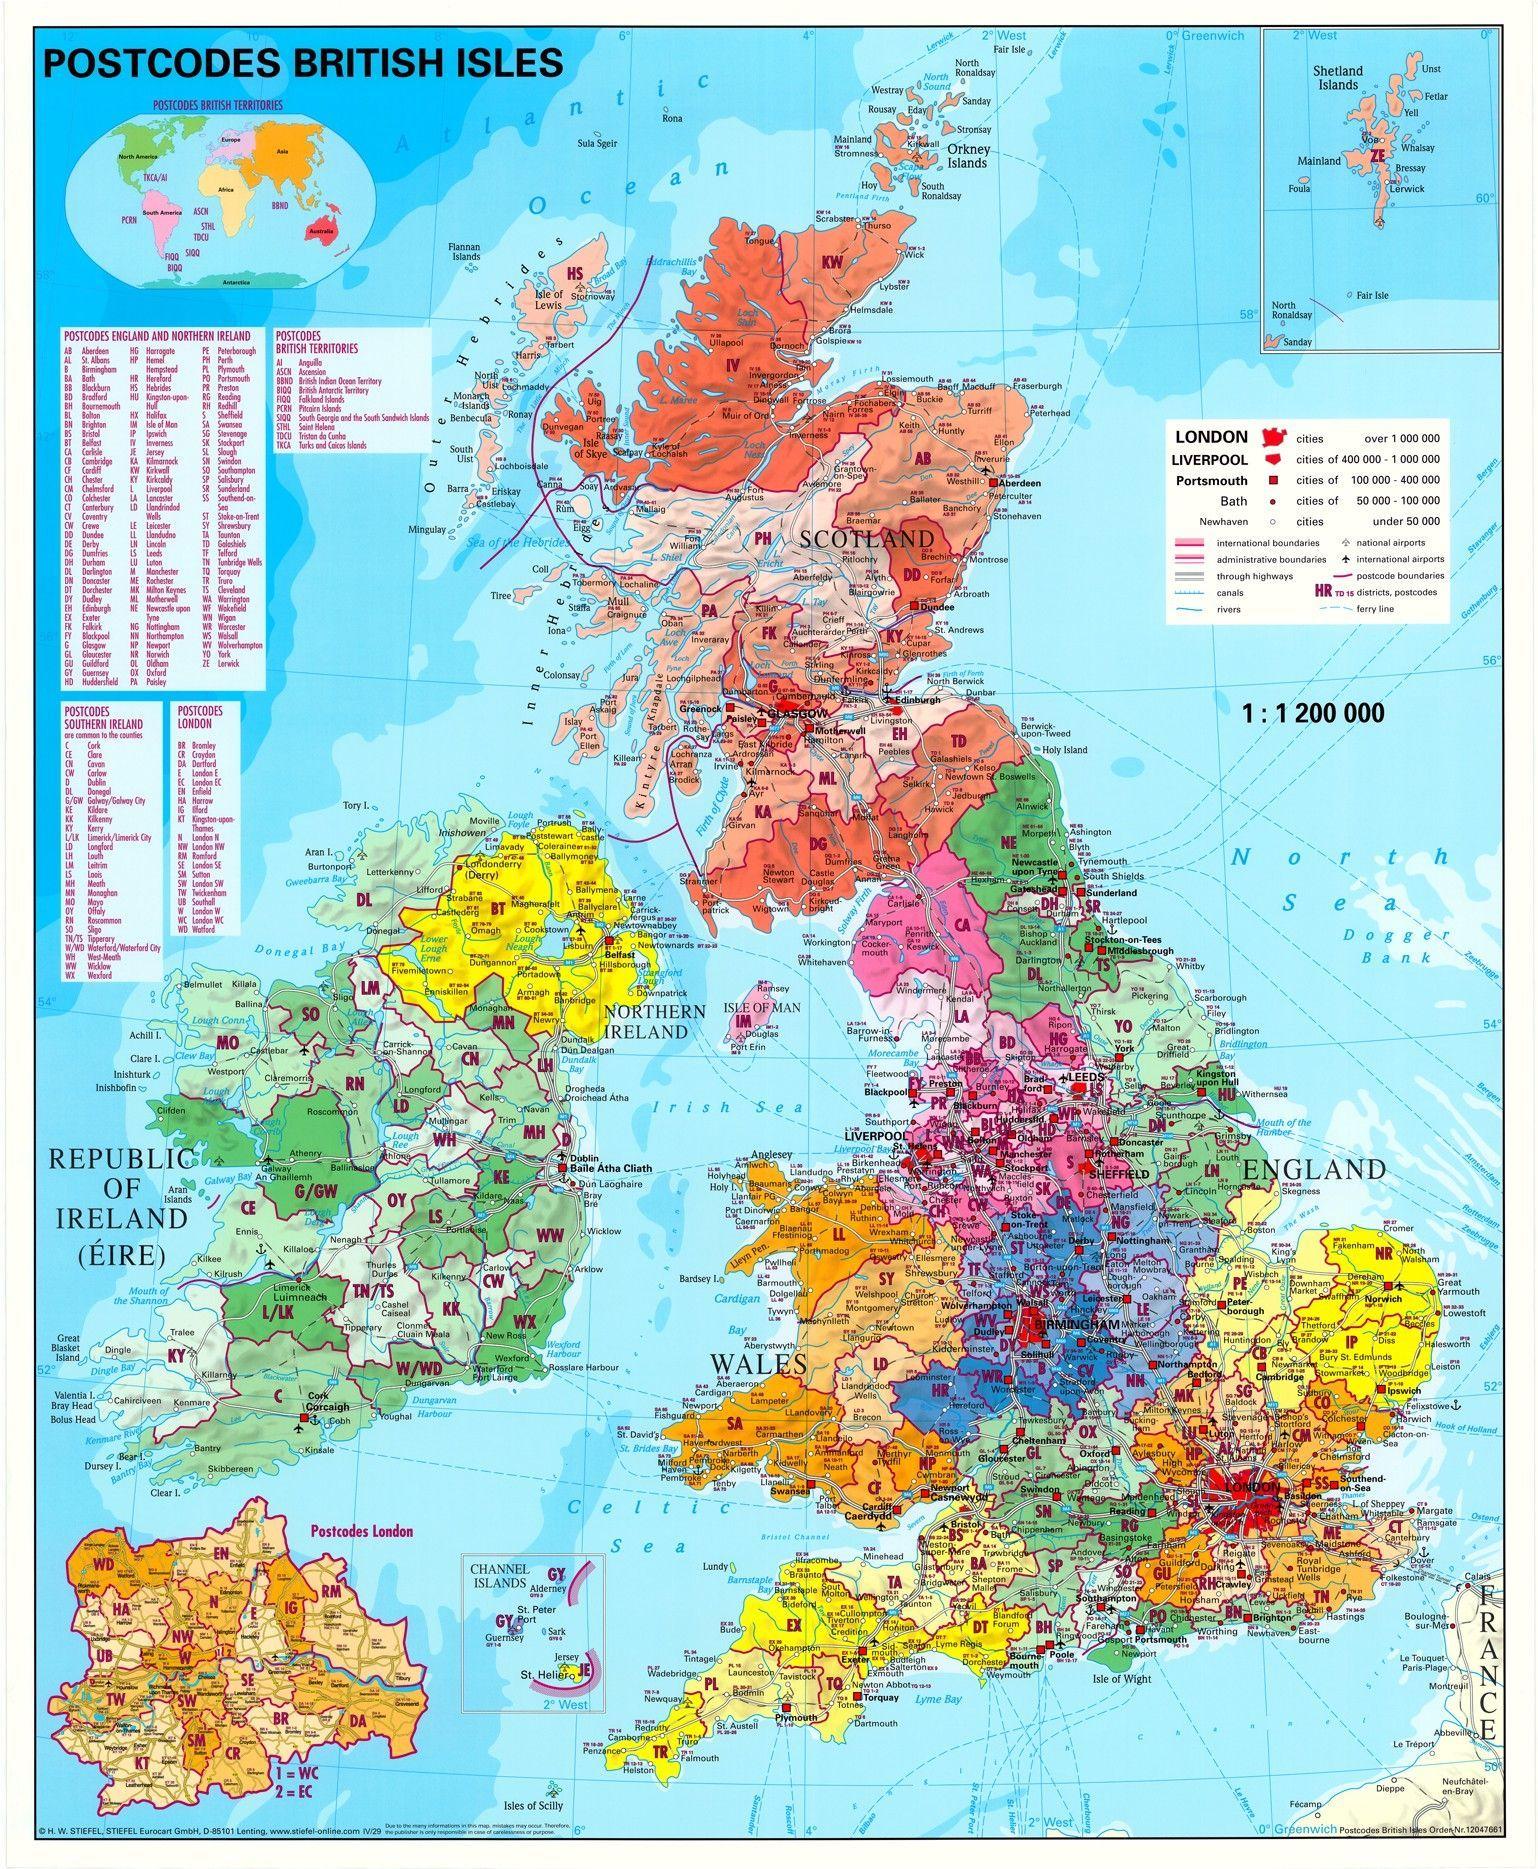 Postleitzahlenkarte Grossbritannien 1:1.200.000